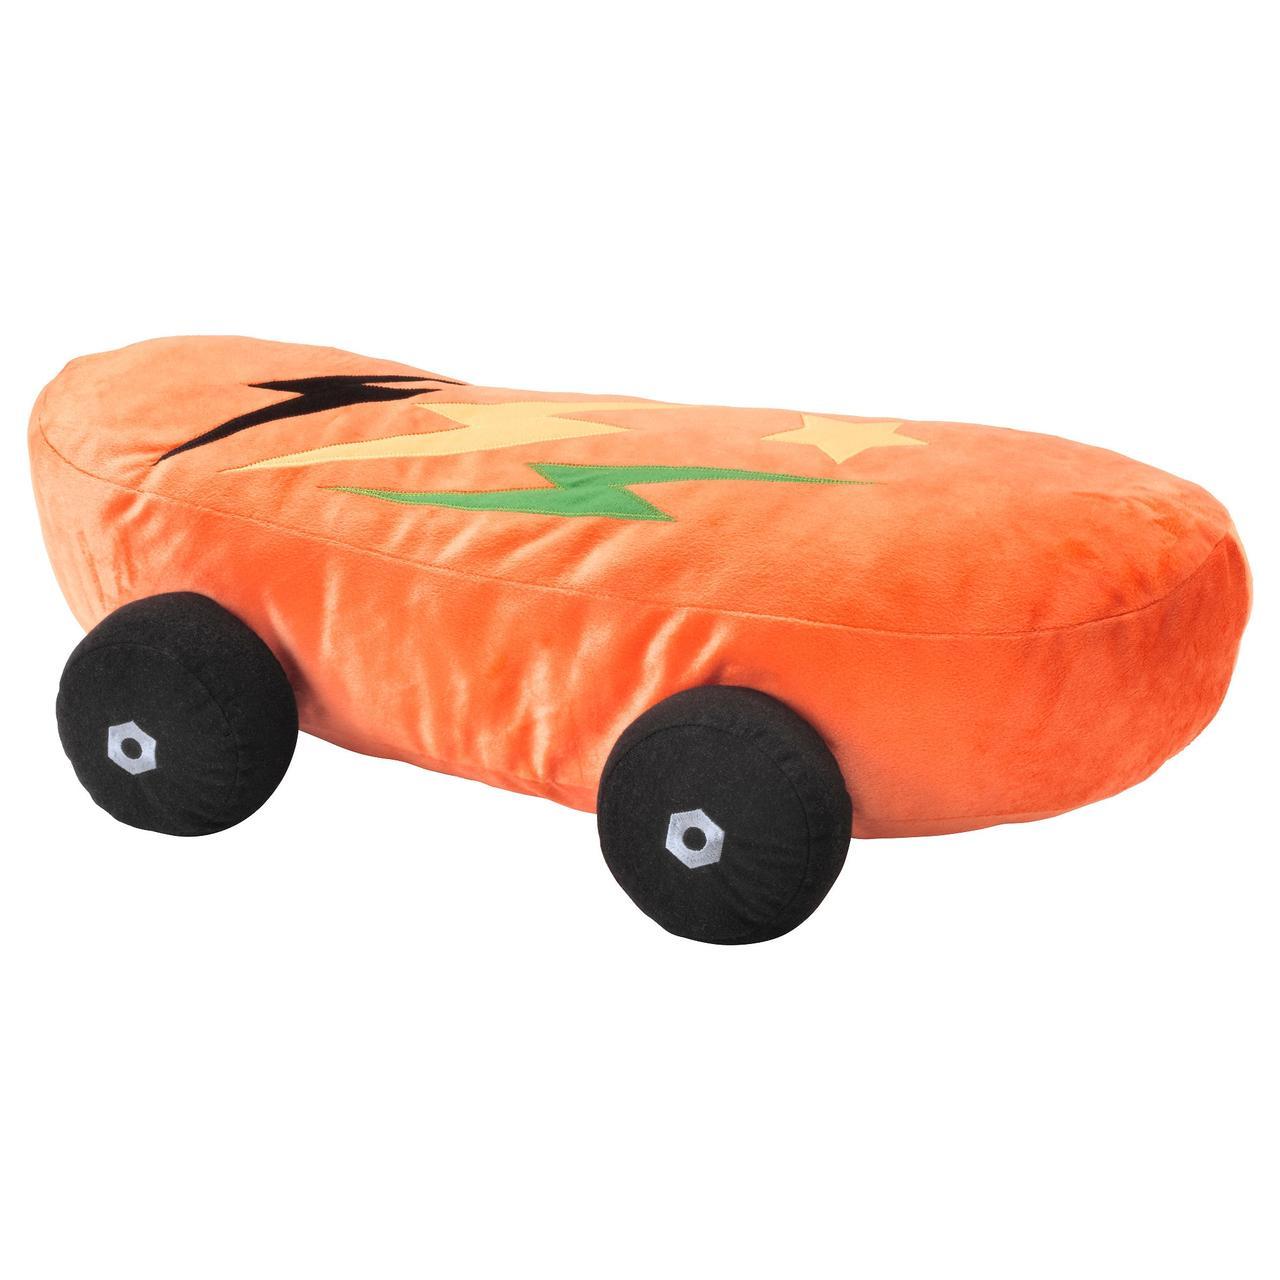 ЛАТТО Мягкая игрушка, скейтборд, оранжевый